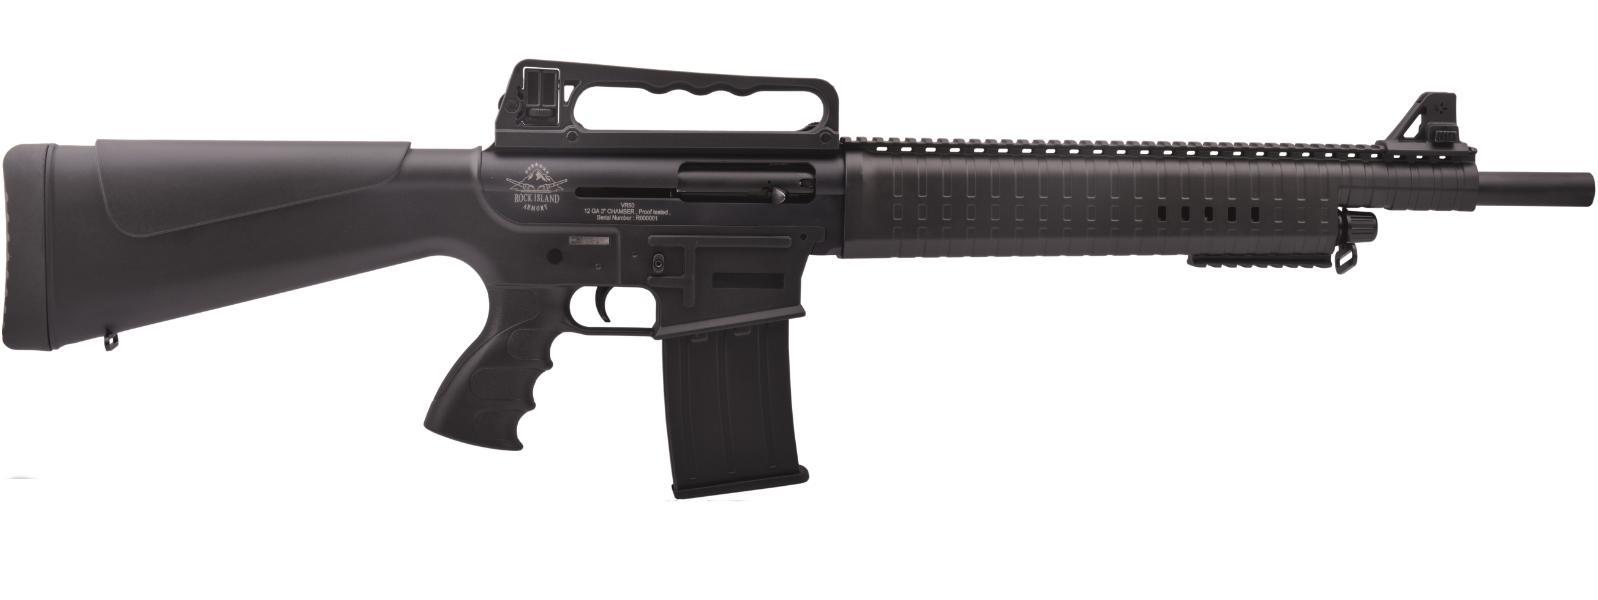 VR60 SHOTGUN 12/20 BL/SY 3 - AR-15 SEMI-AUTO SHOTGUN